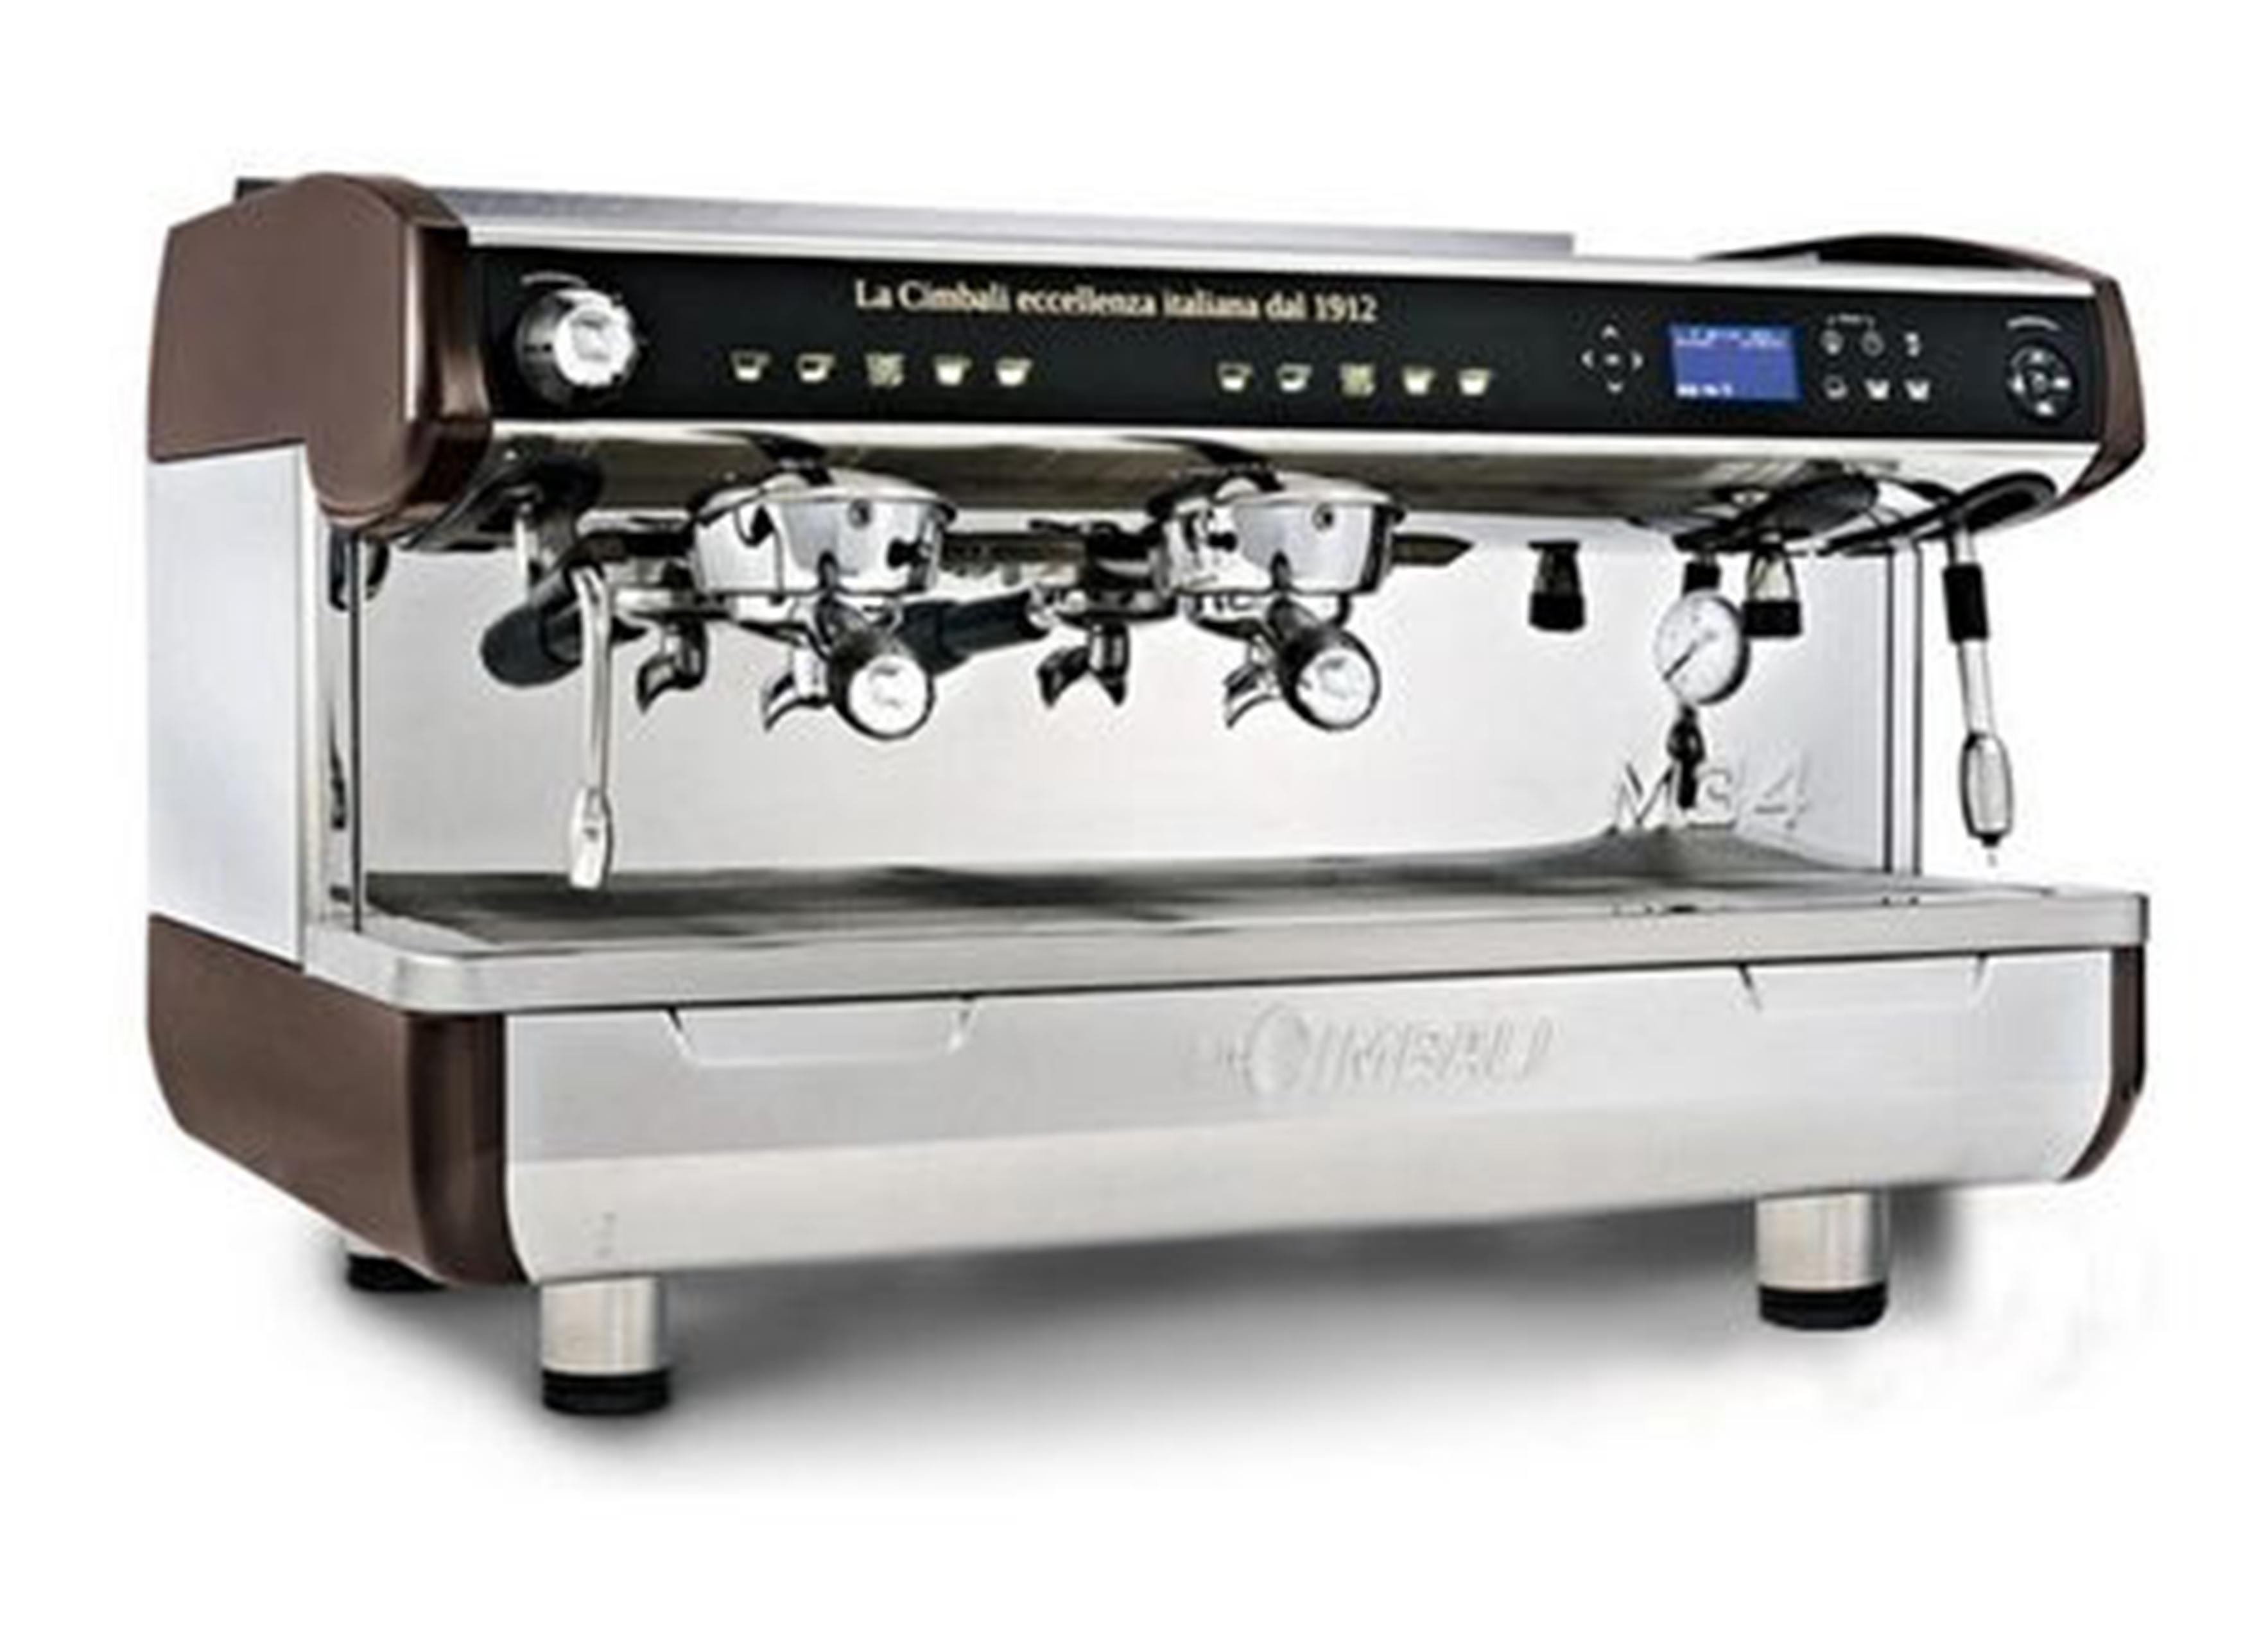 金佰利LA CIMBALI M34 SELECTRON DT2 双头电控商用咖啡机